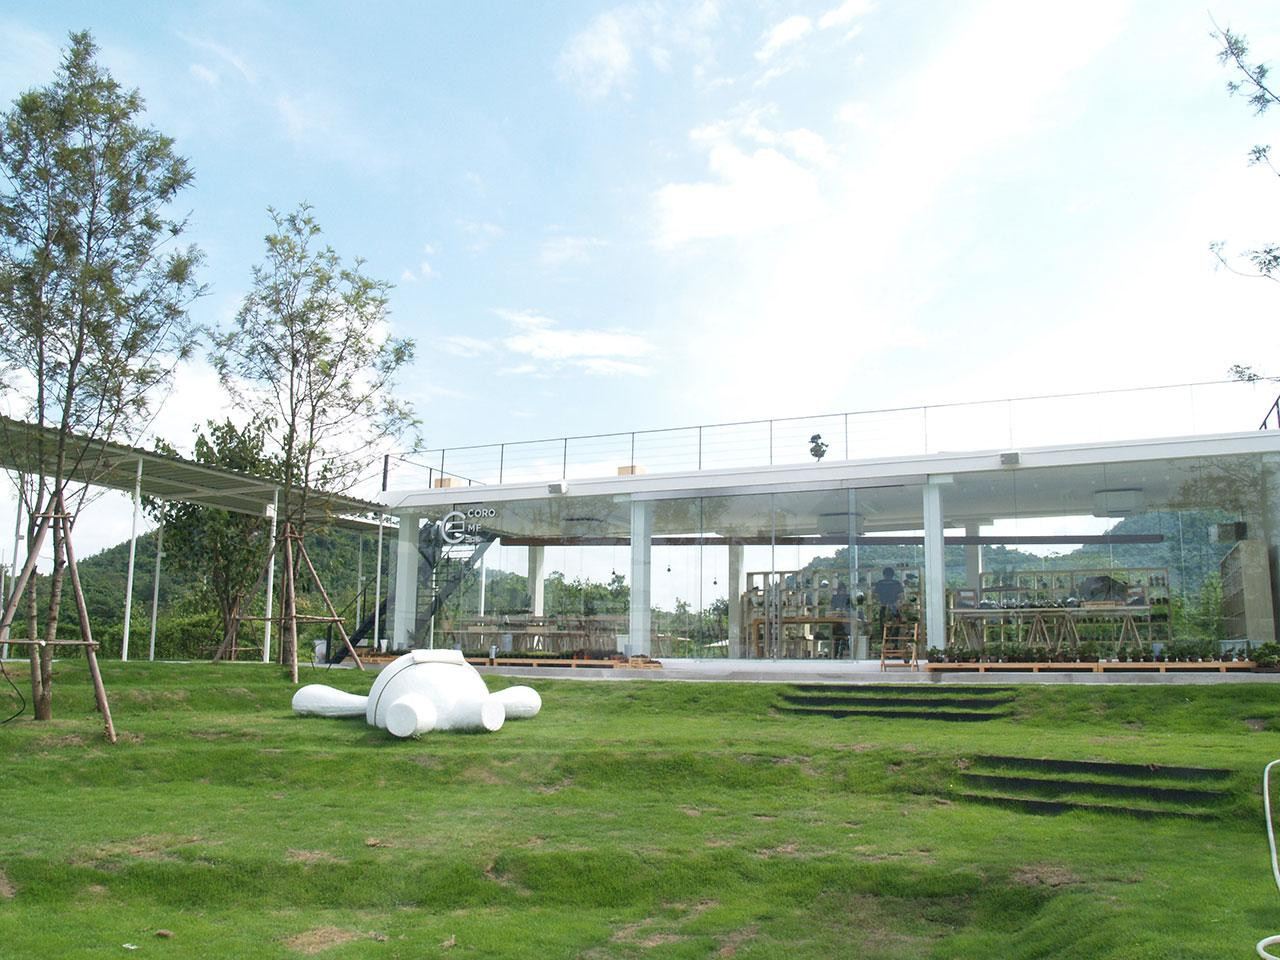 ด้านหน้า Coro Me มีตัวมาสคอตน่ารัก ชื่อว่า โคโรโระคุง นอนเด่นอยู่กลางสนามหญ้า